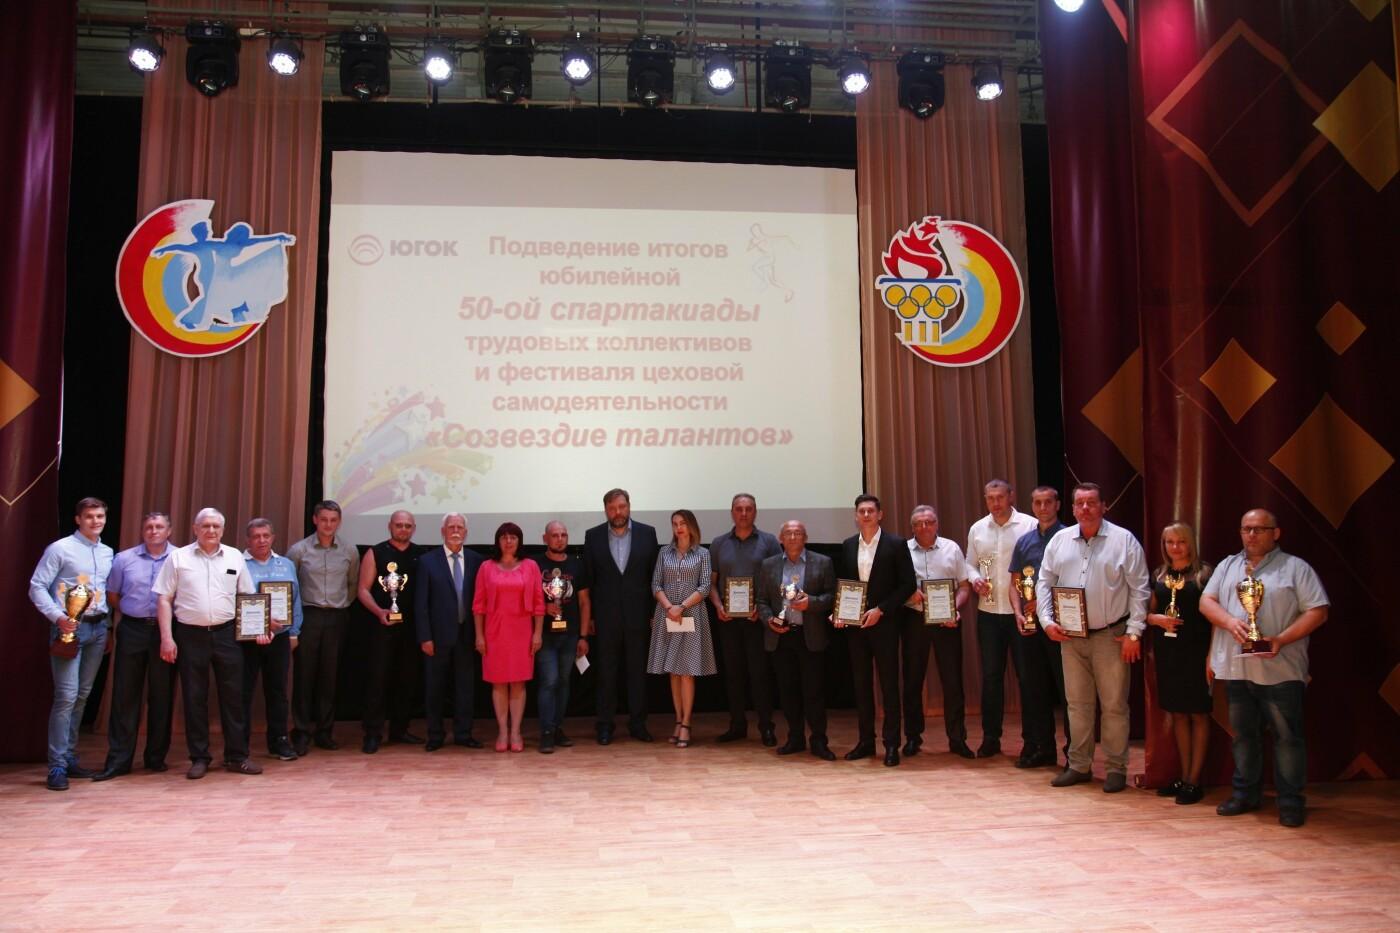 Лучшие в спорте и на сцене: ЮГОК наградил победителей спартакиады и фестиваля талантов, фото-6